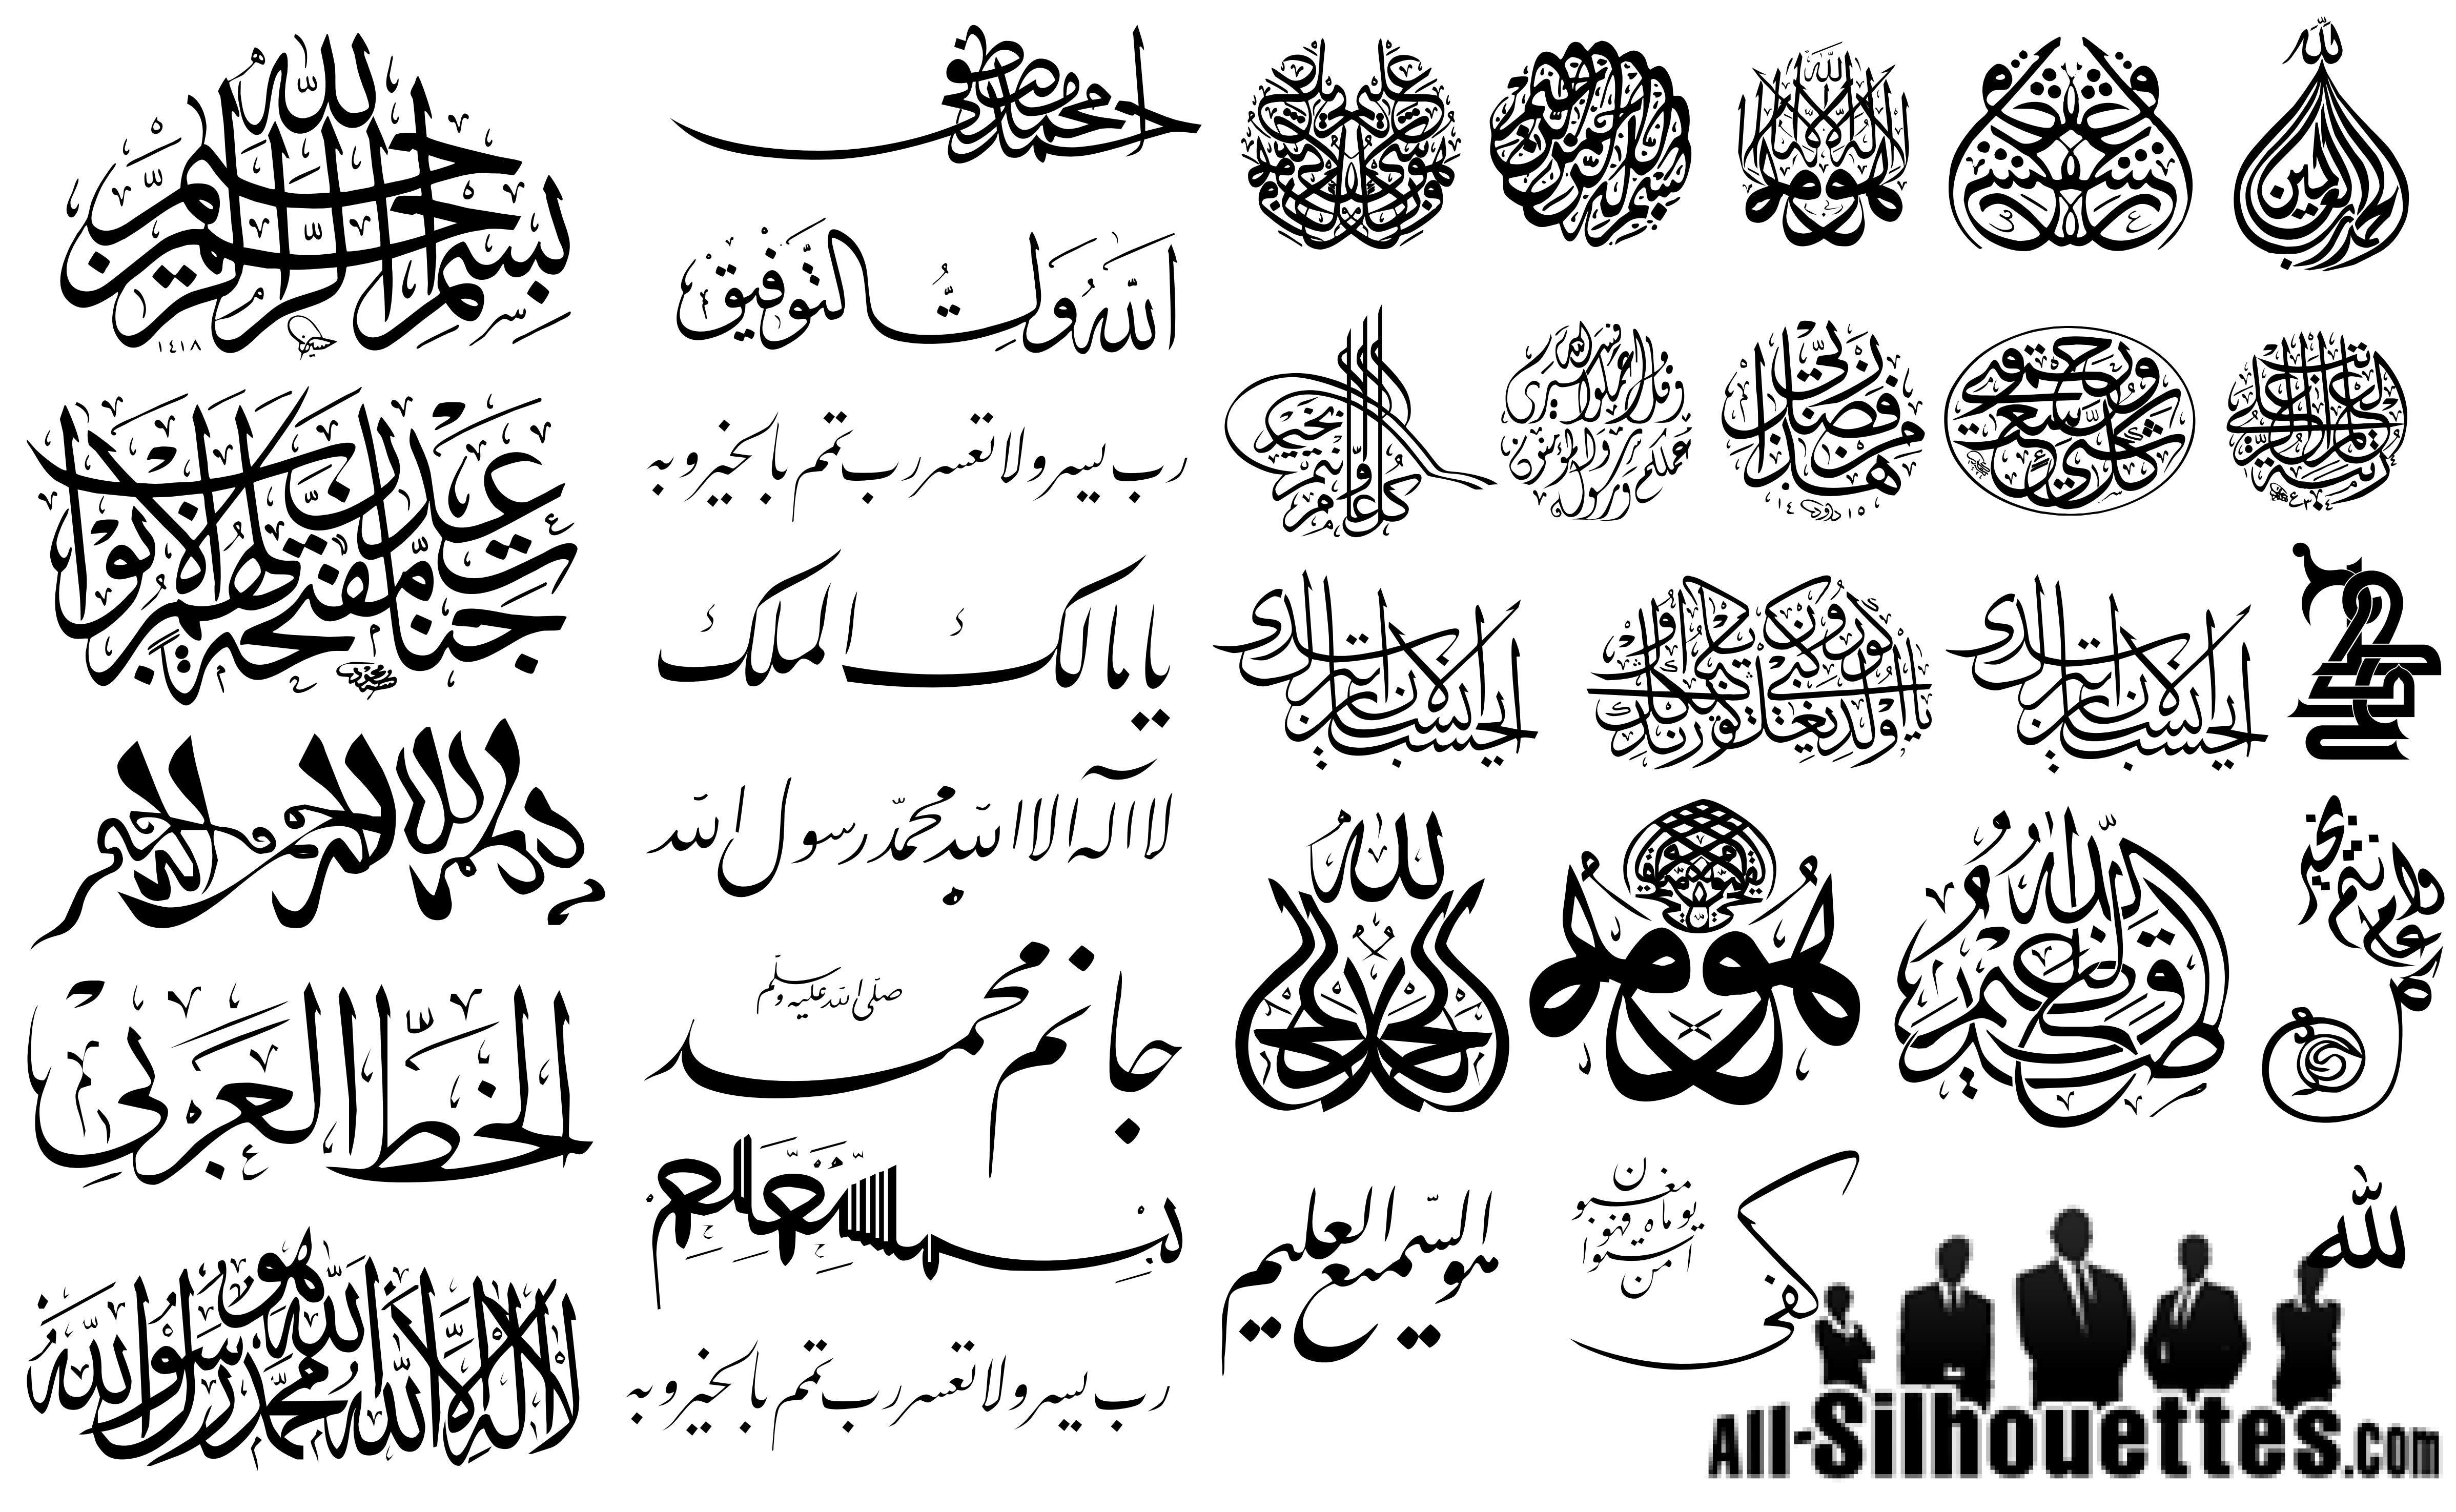 Islamic calligraphy adha ai ai file ai format alhamdulillah islamic calligraphy adha ai ai file ai format alhamdulillah allah thecheapjerseys Image collections